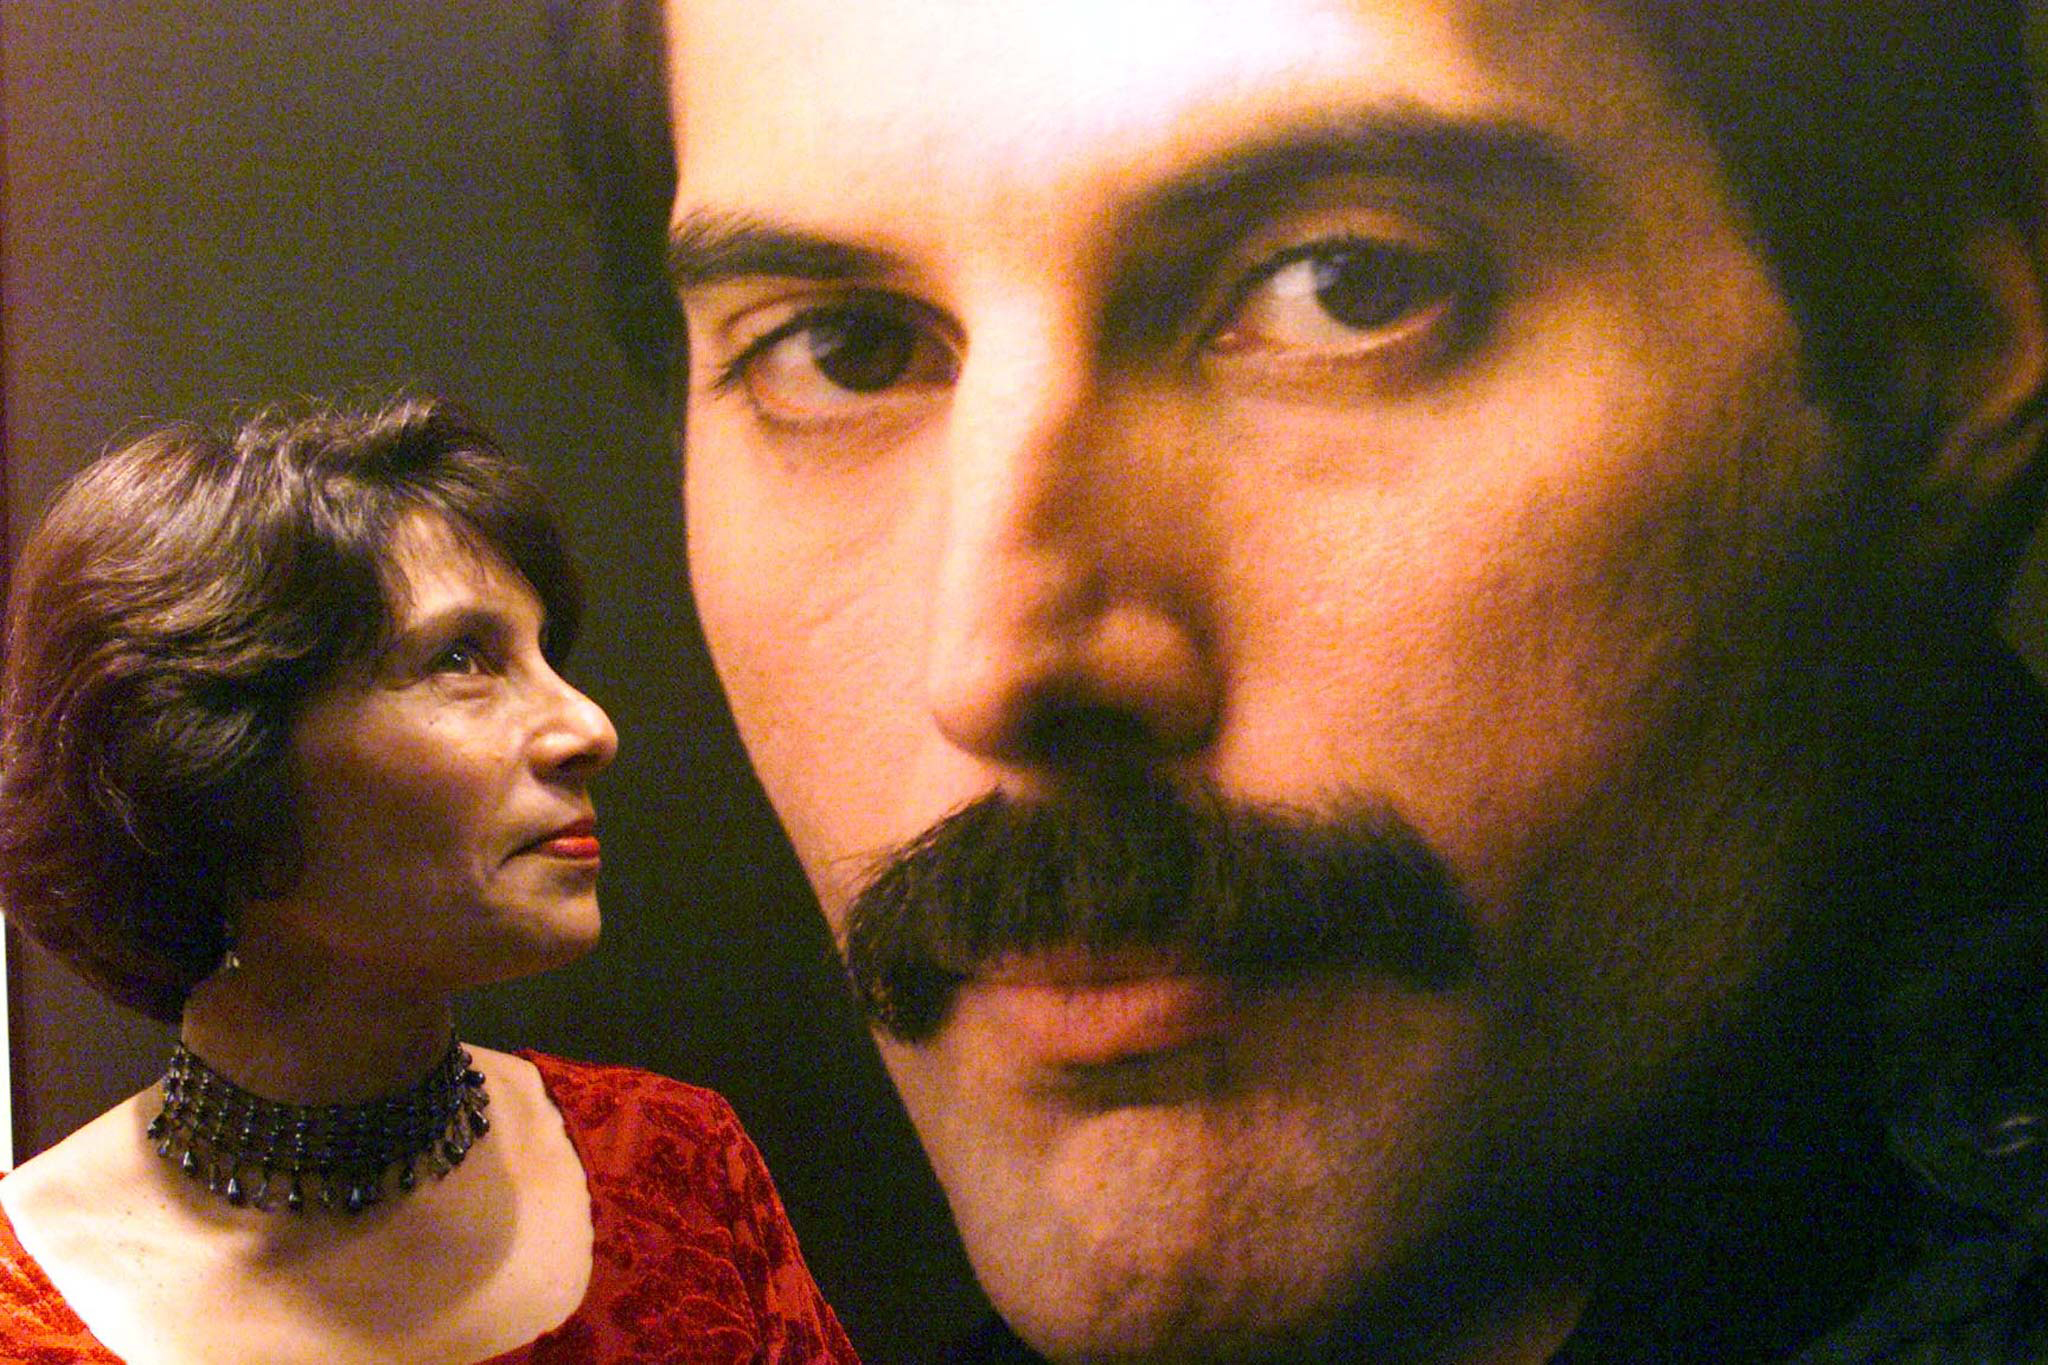 Scientists explain Freddie Mercury's incredible singing voice